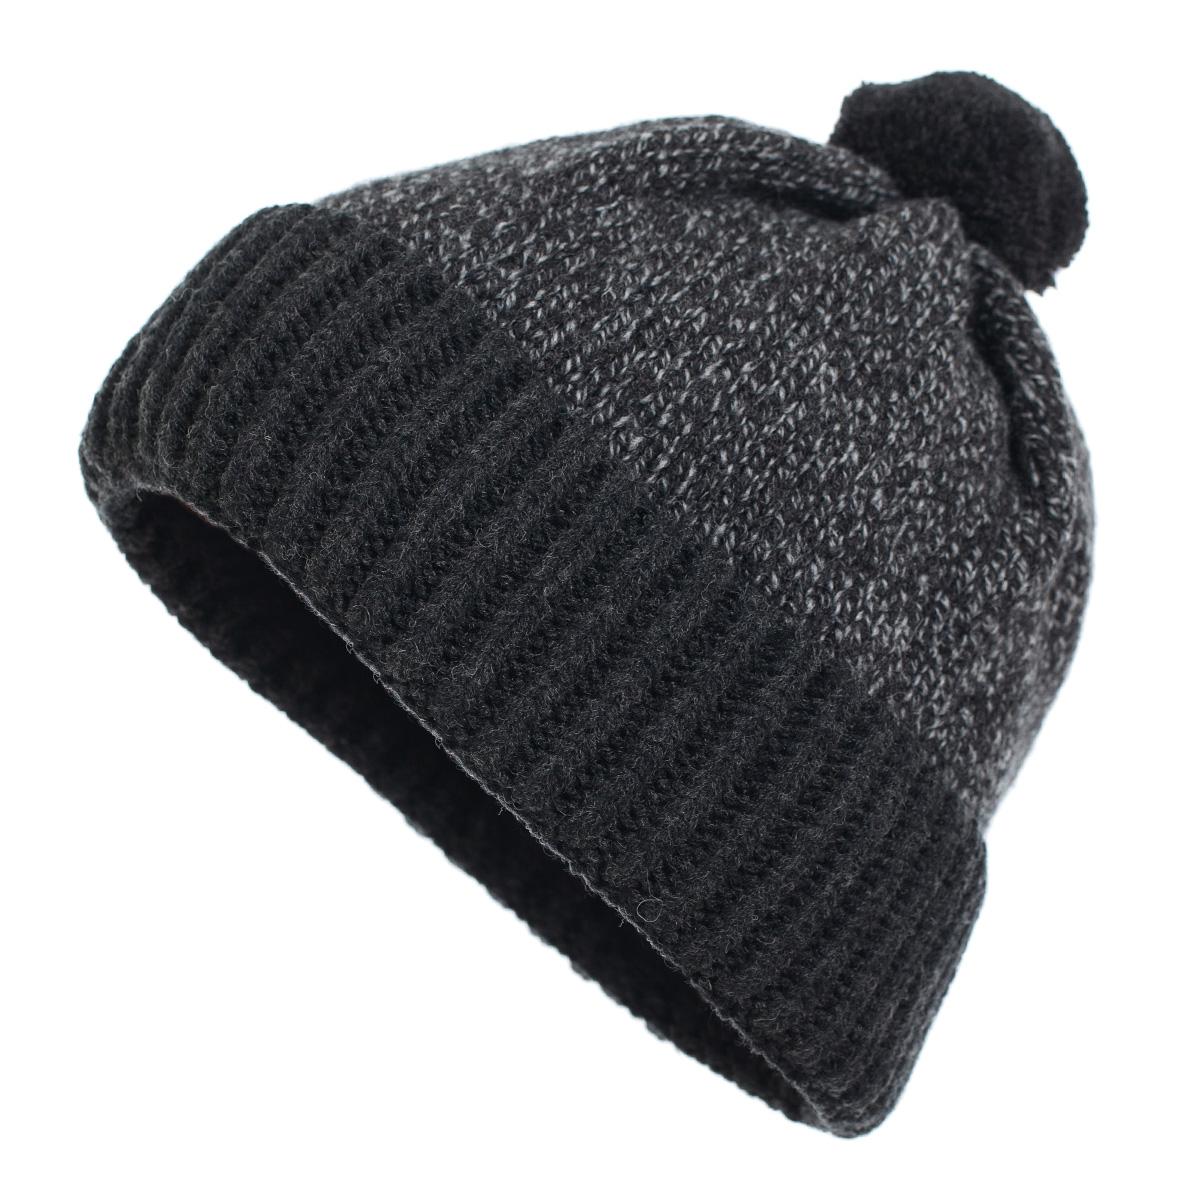 Шапка Marhatter, 10953/2 шапка мужская marhatter цвет серый размер 57 59 mmh6469 2